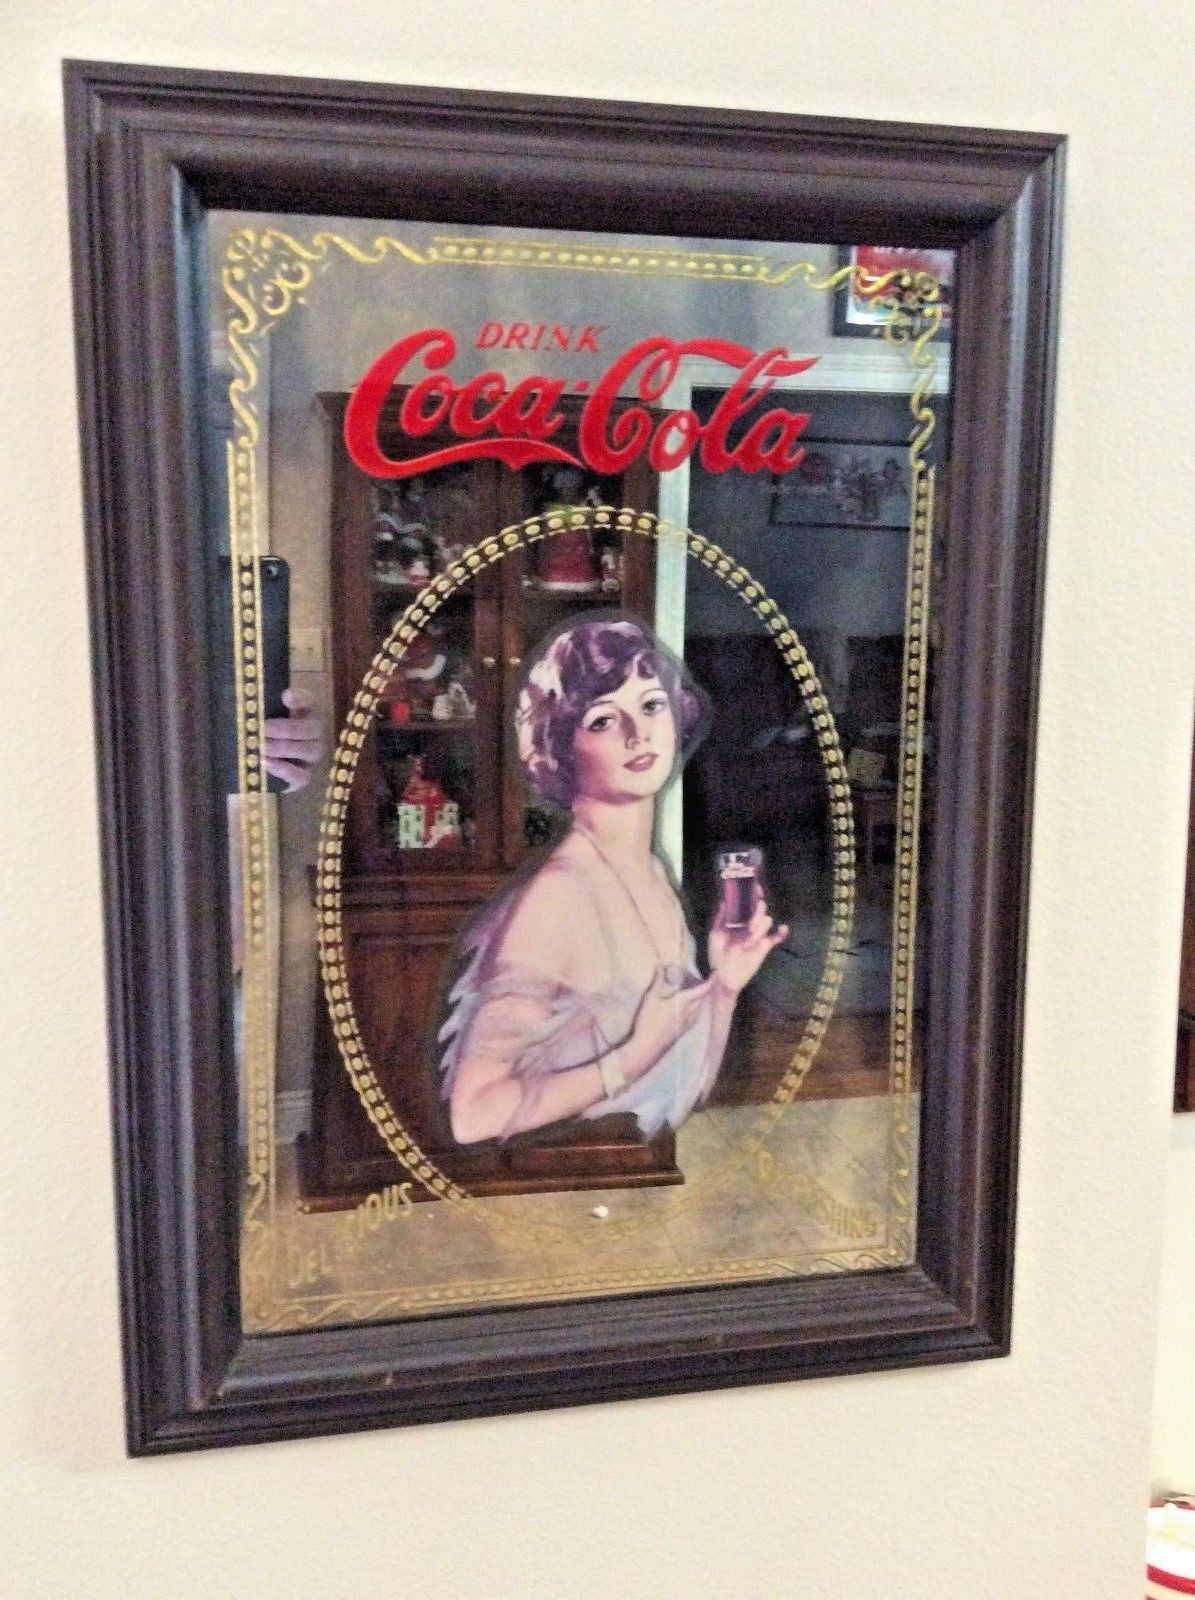 Vintage Coca Cola Advertising Mirror Site Title